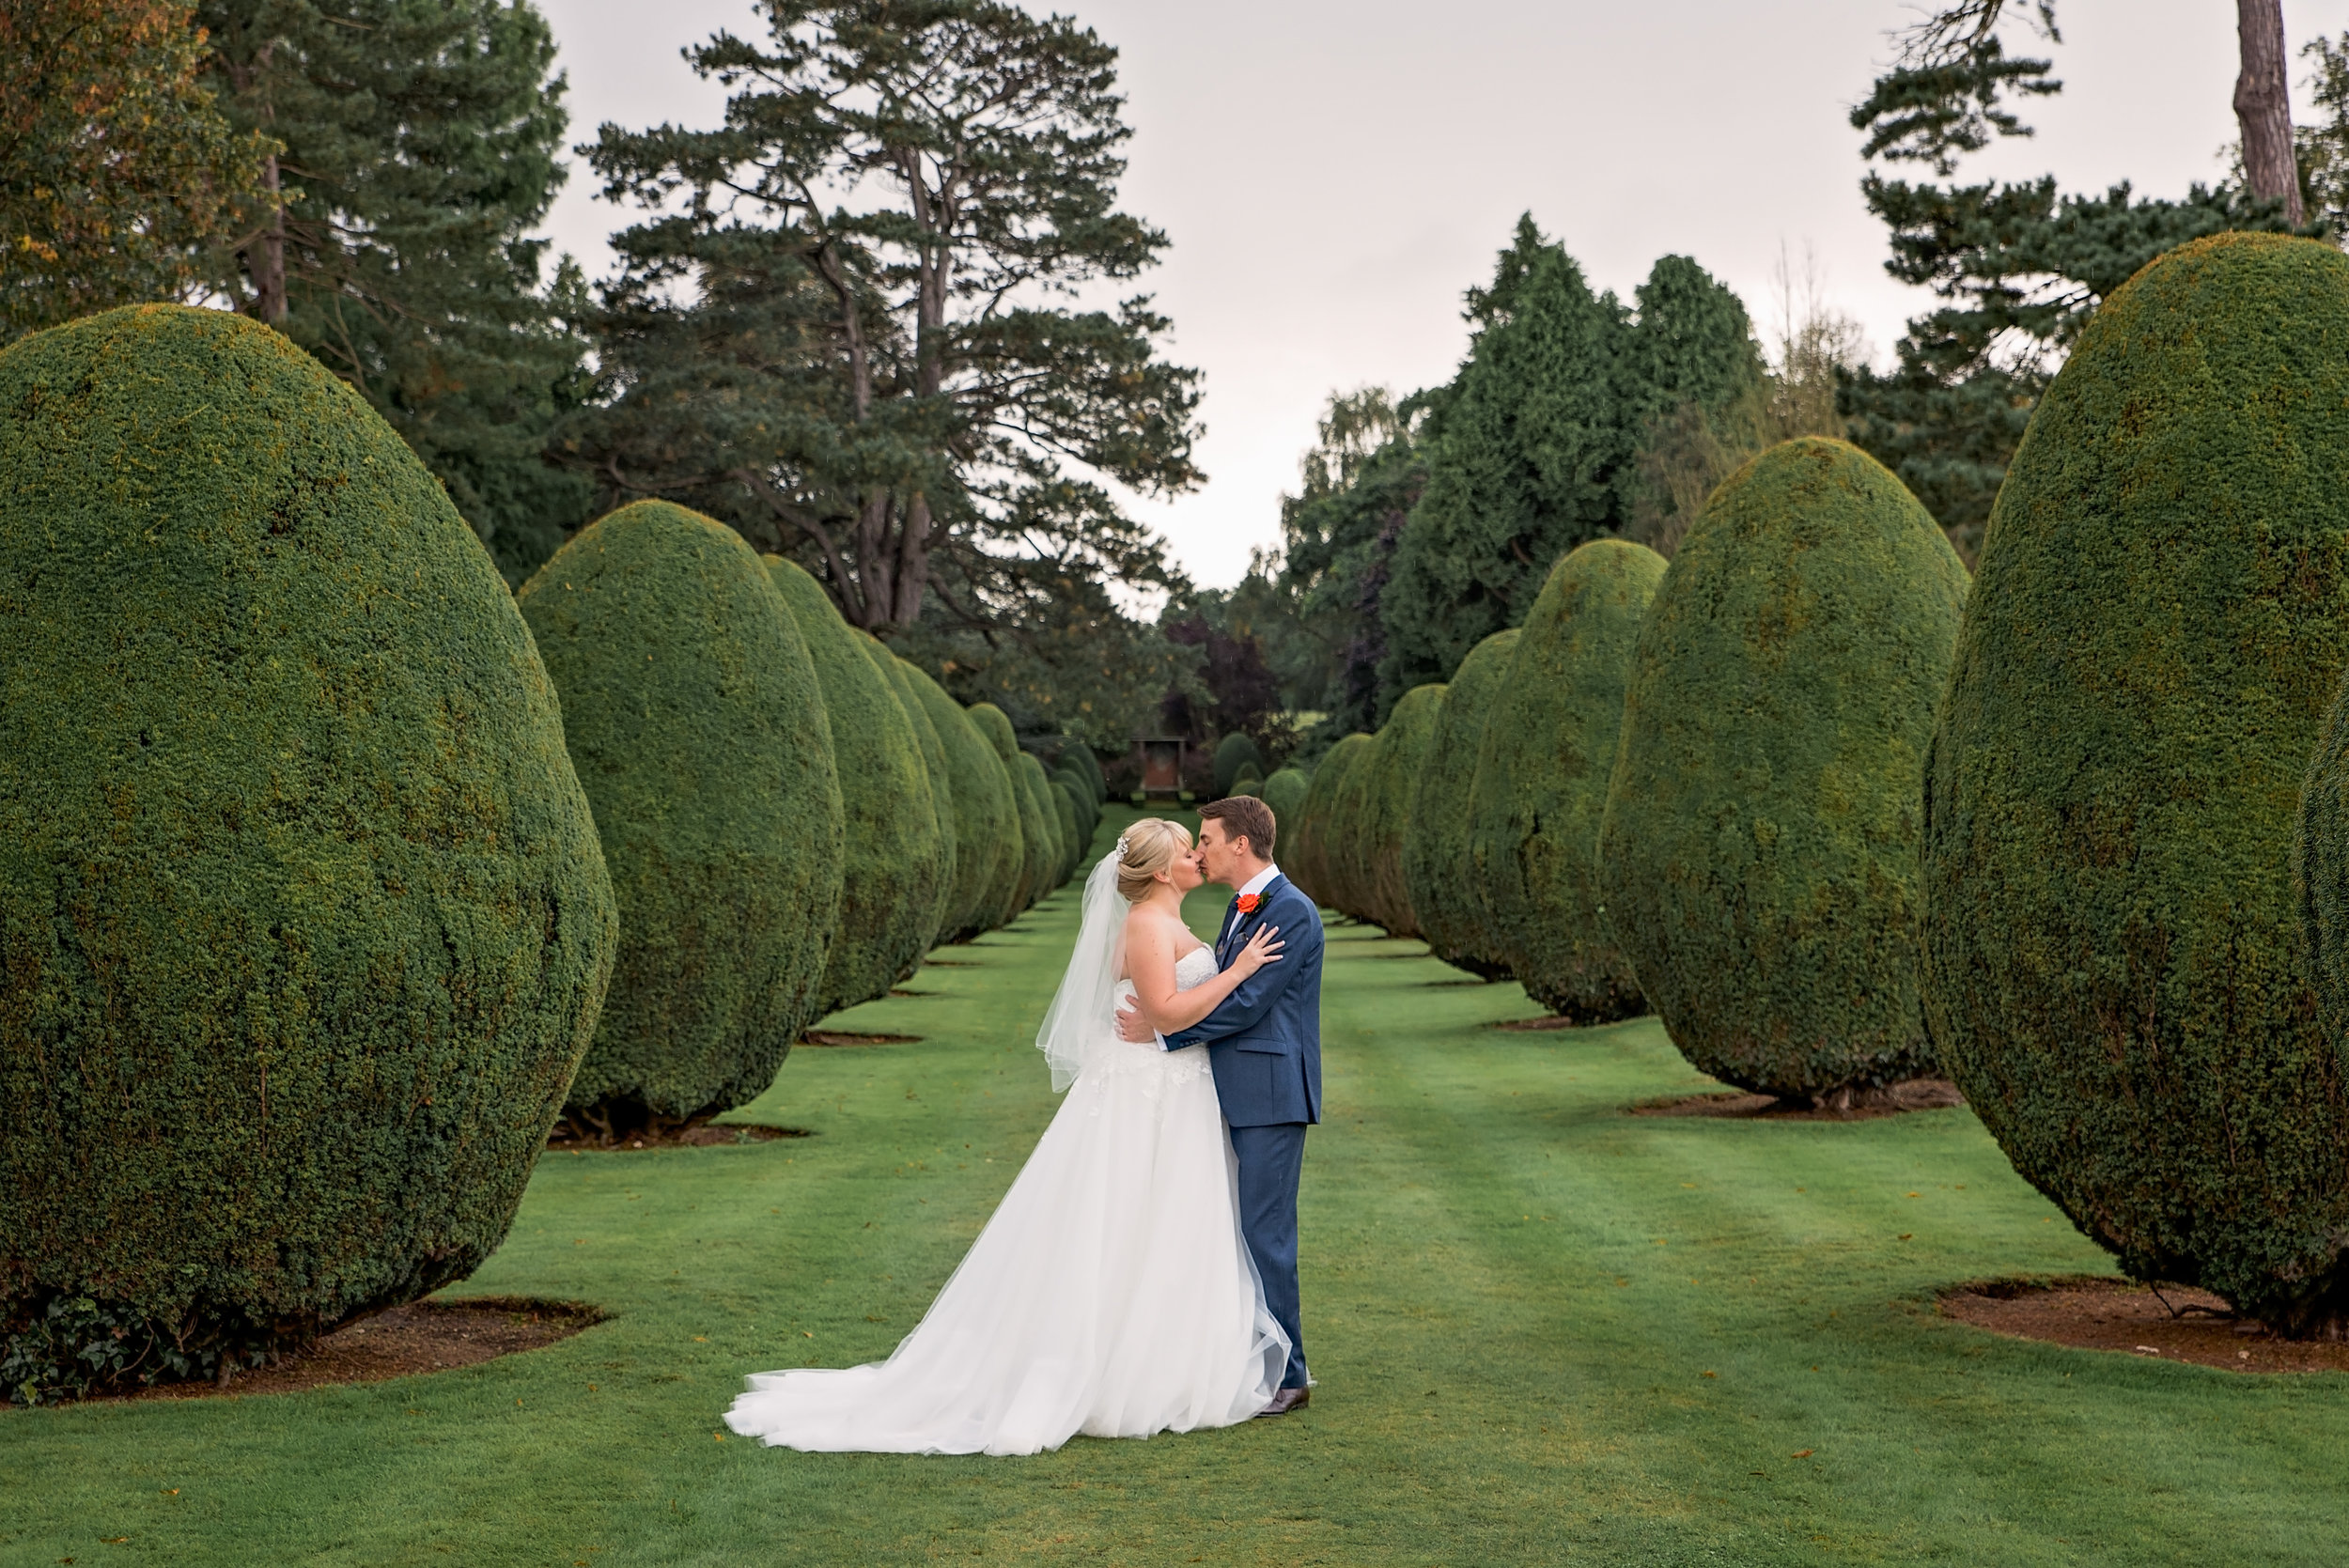 Amy-James-photography-The-Elvetham-Wedding-Hampshire-wedding-venue-Hampshire-wedding-photographer=Fleet-wedding-photographer